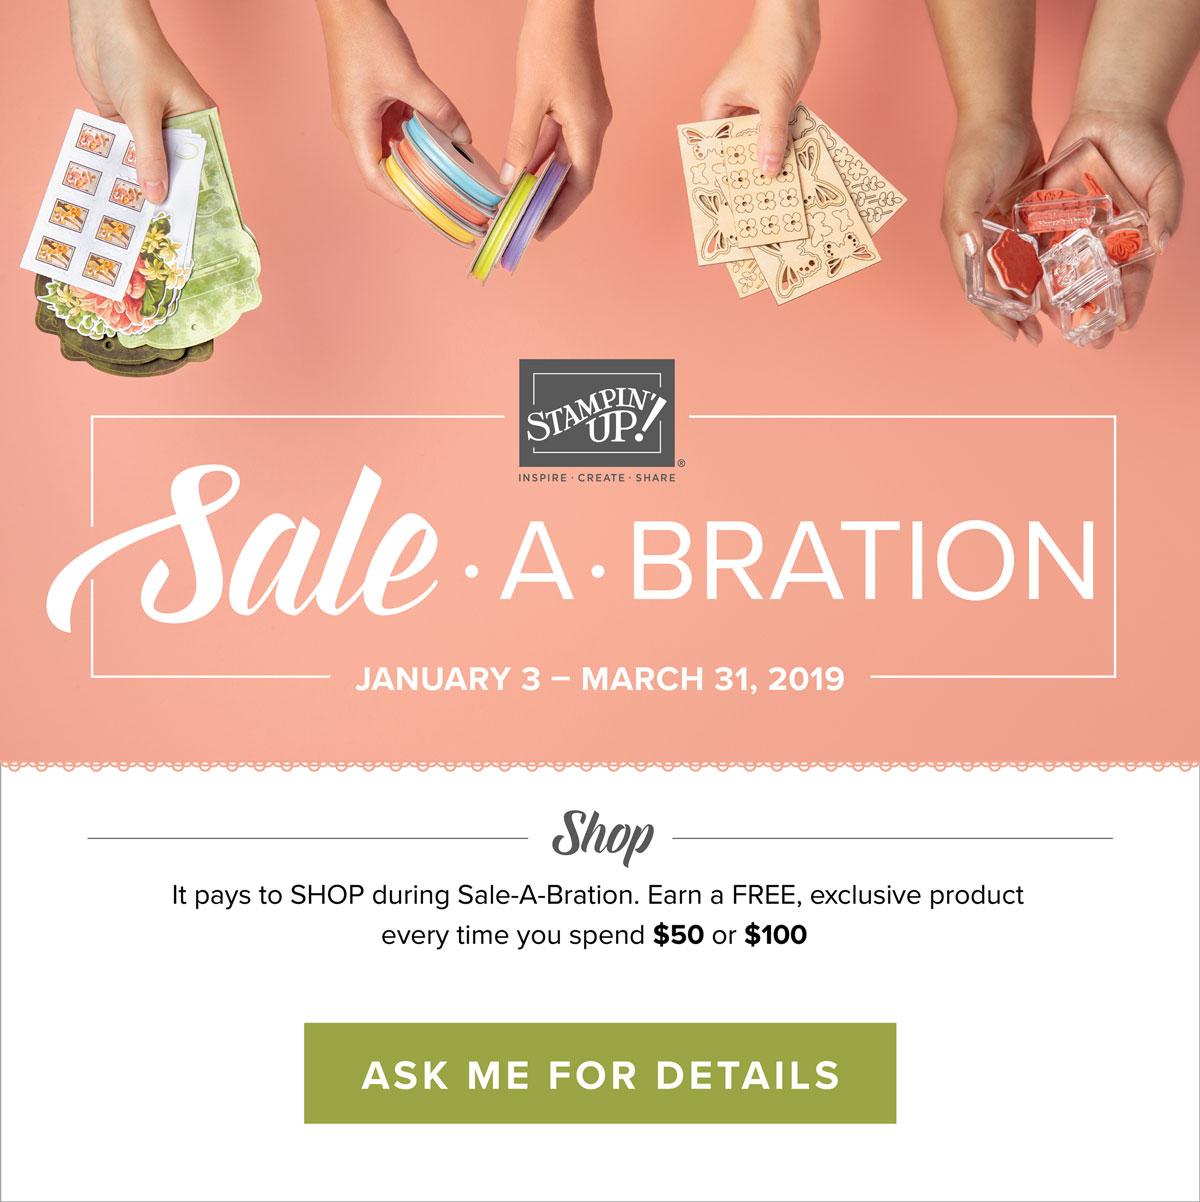 2019 Sale-A-Bration Promotion.jpg